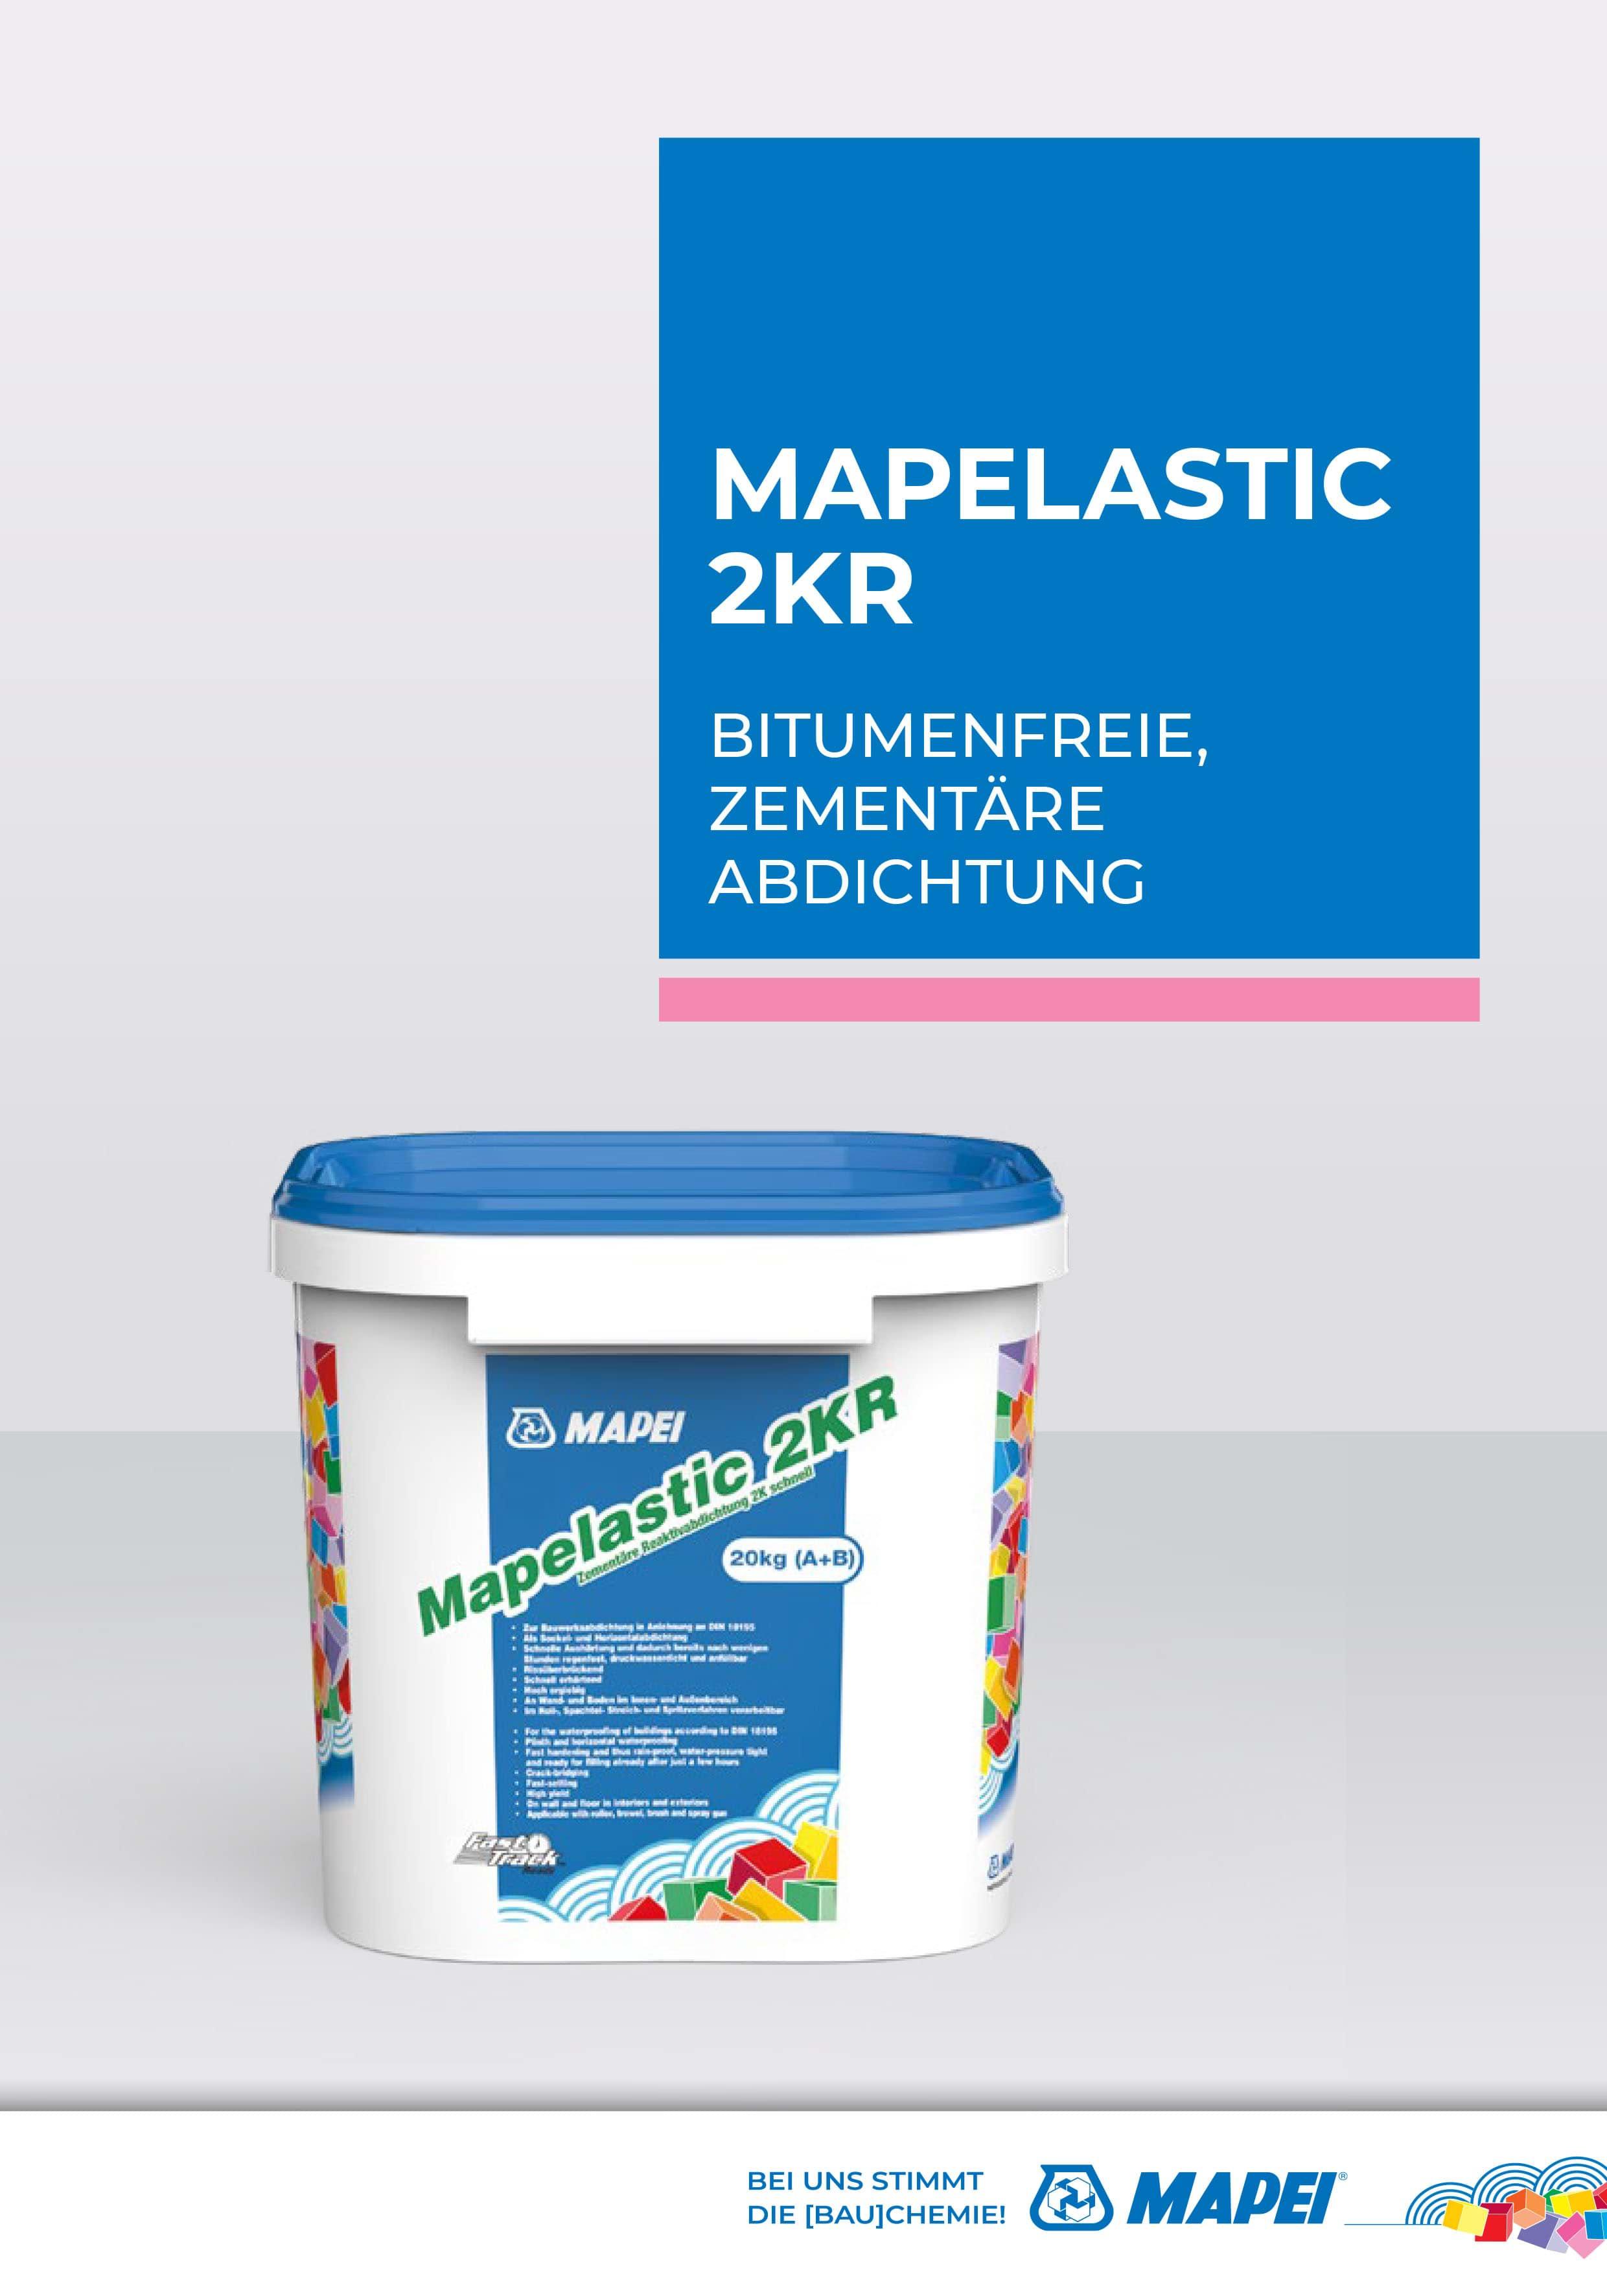 Mapelastic 2KR